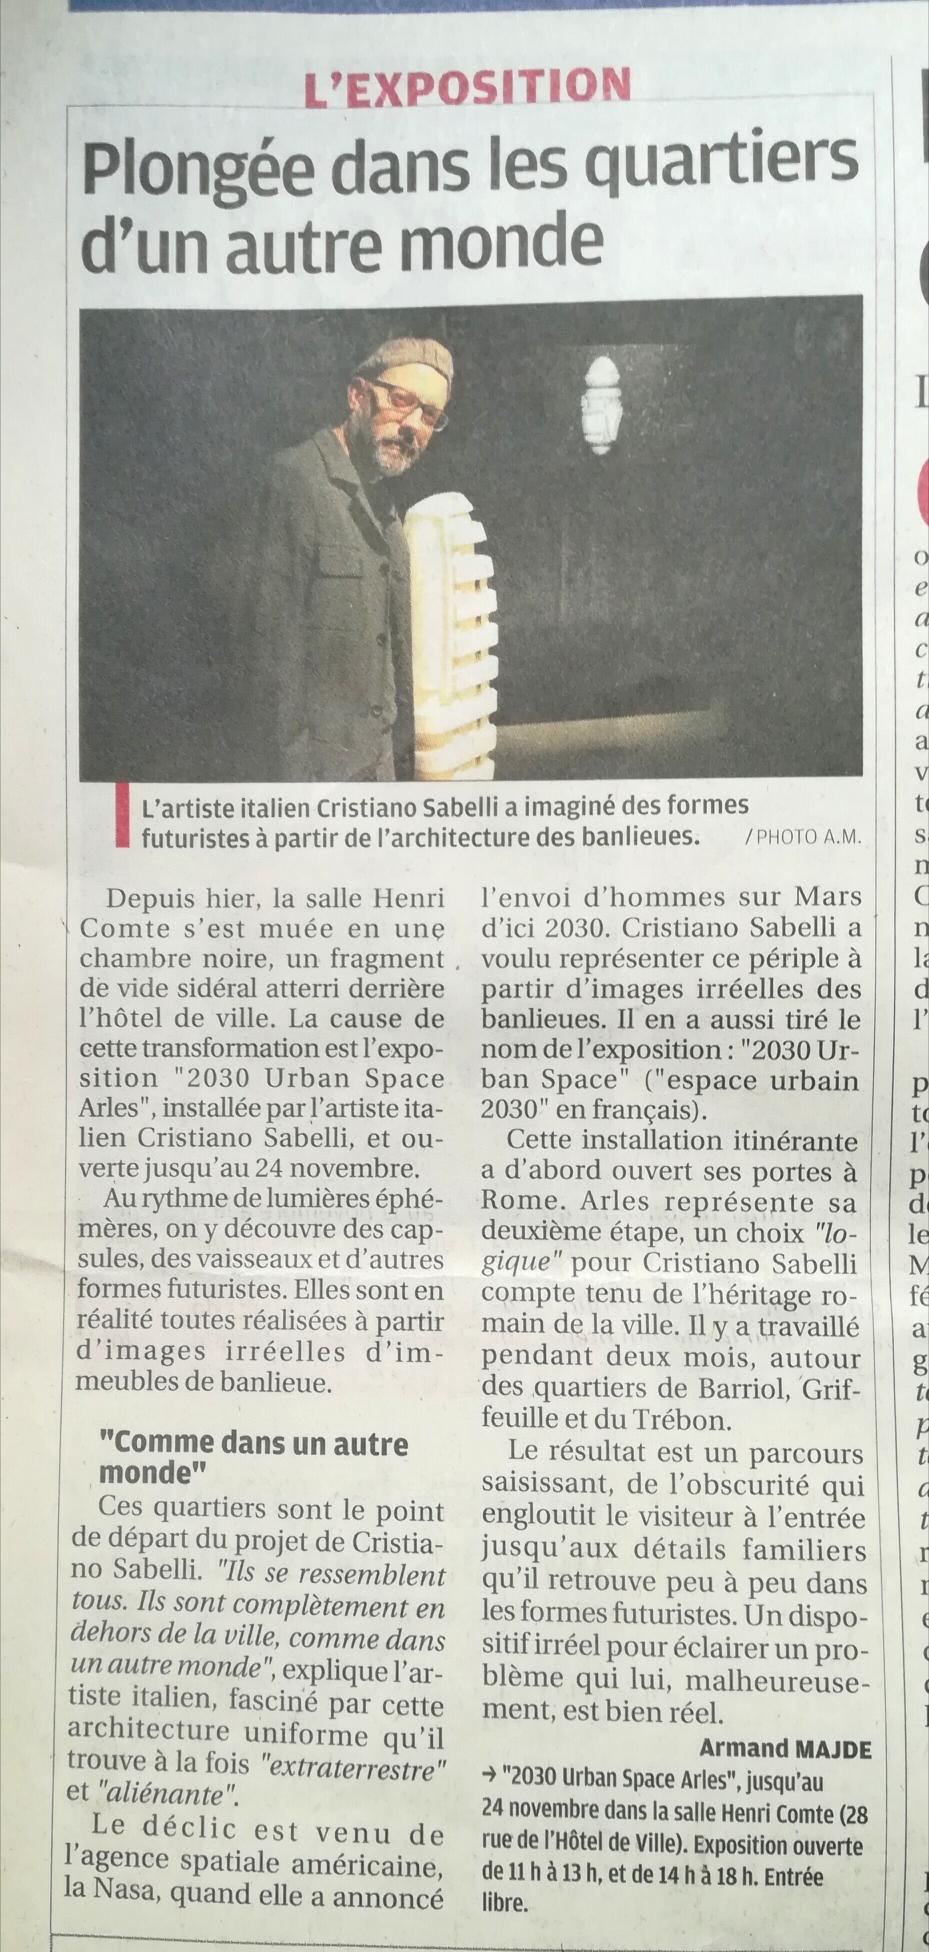 La Provence. dimanche 4 novembre 2018